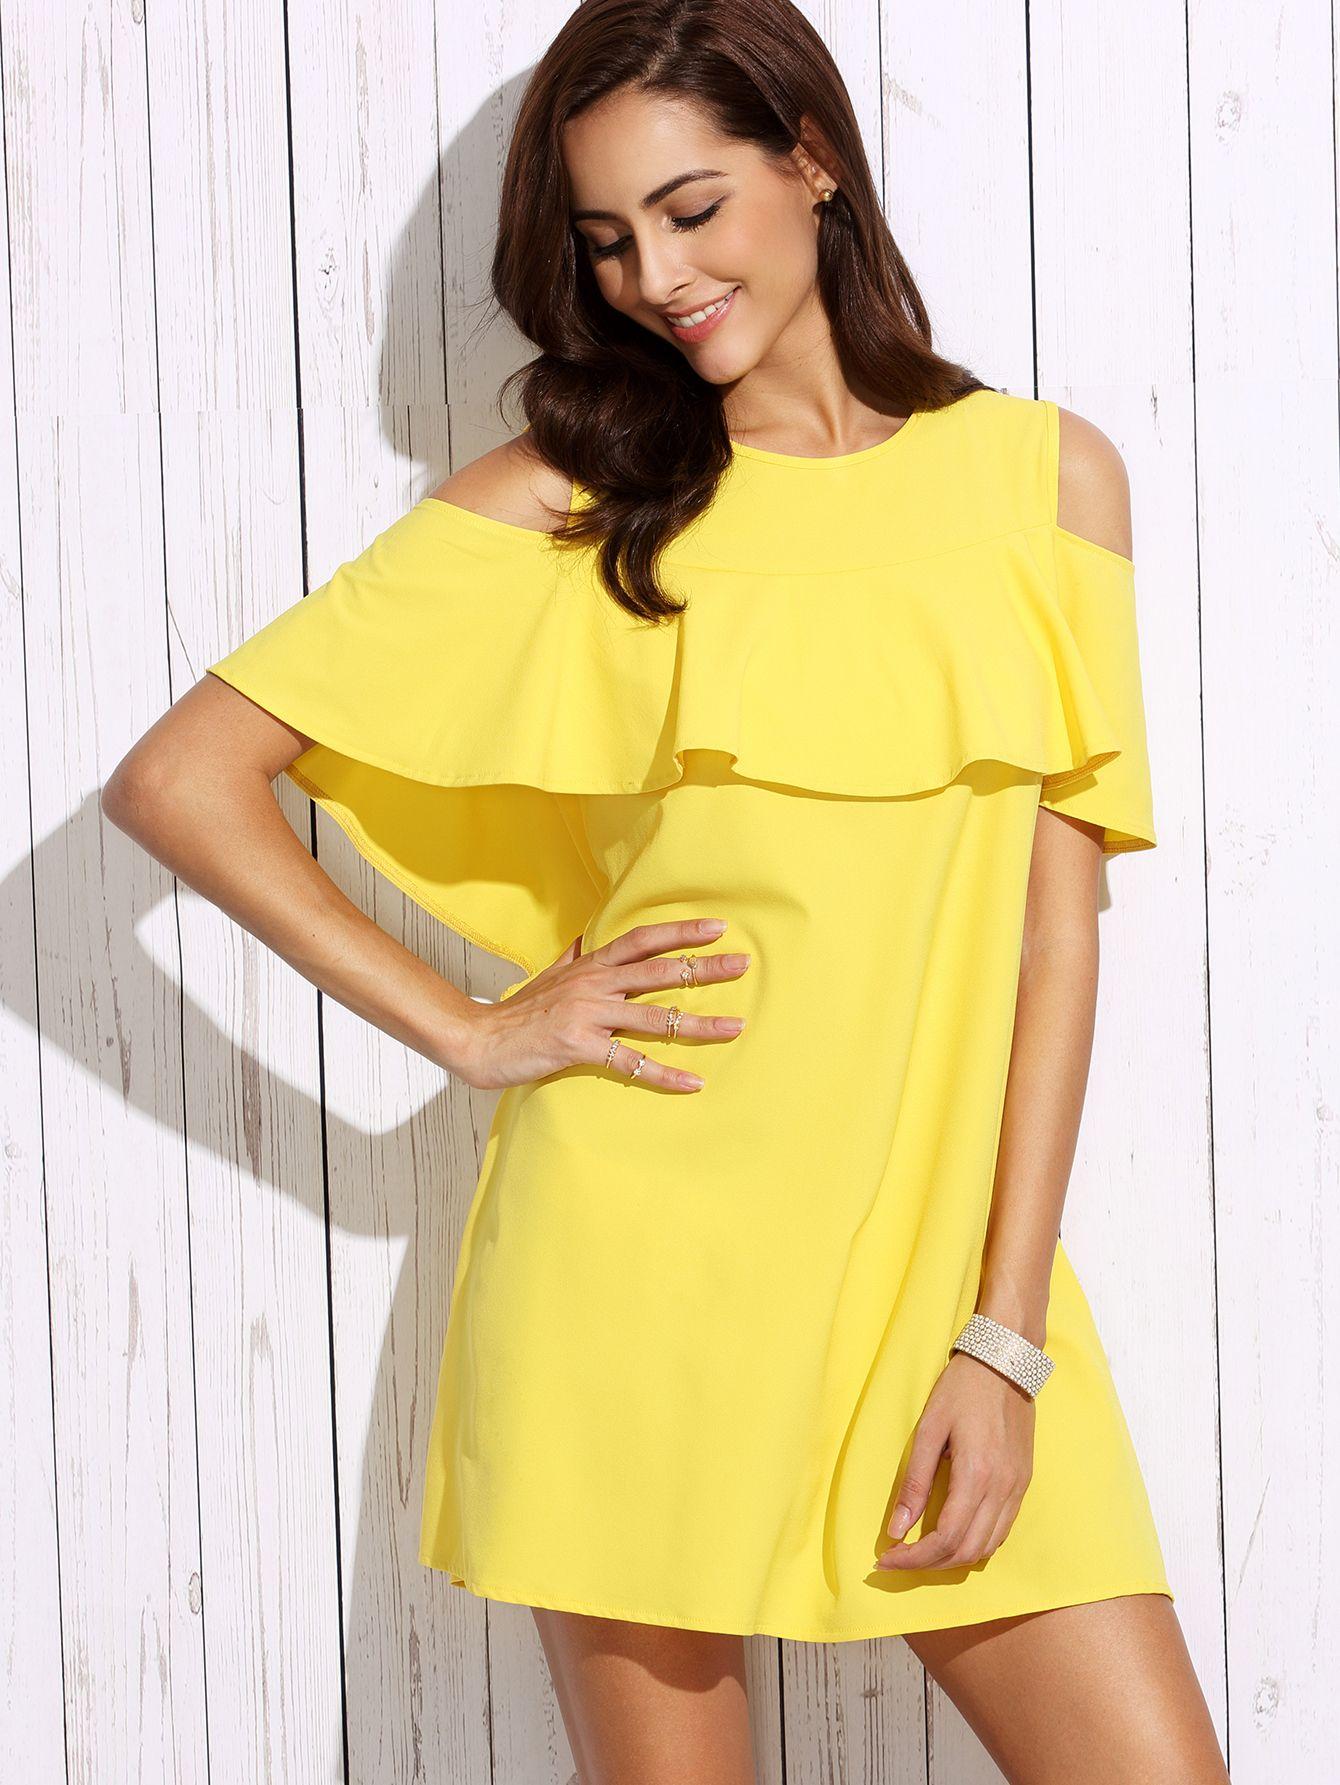 Shop Yellow Cold Shoulder Ruffle Shift Dress Online Shein Offers Yellow Cold Shoulder Ruffle Shift Dress Short Yellow Dress Short Dresses Yellow Dress Casual [ 1785 x 1340 Pixel ]